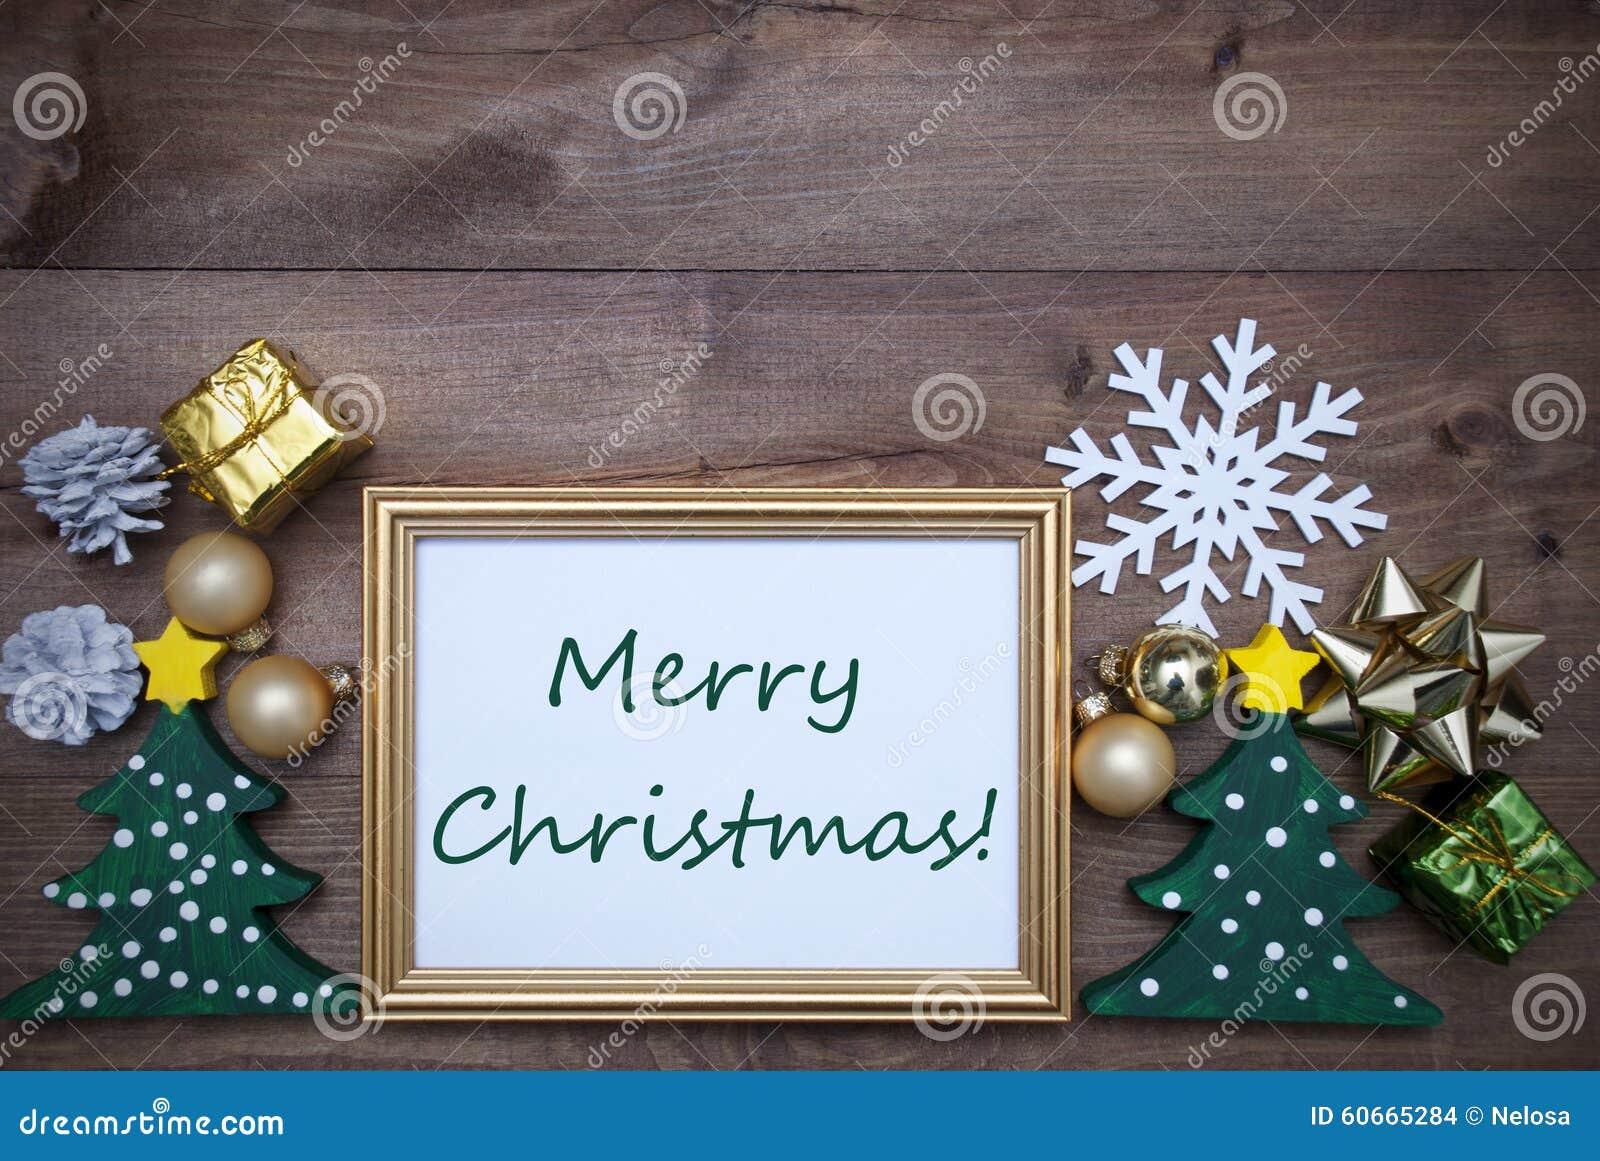 Rahmen Mit Dekorations-und Text-frohen Weihnachten Stockfoto - Bild ...